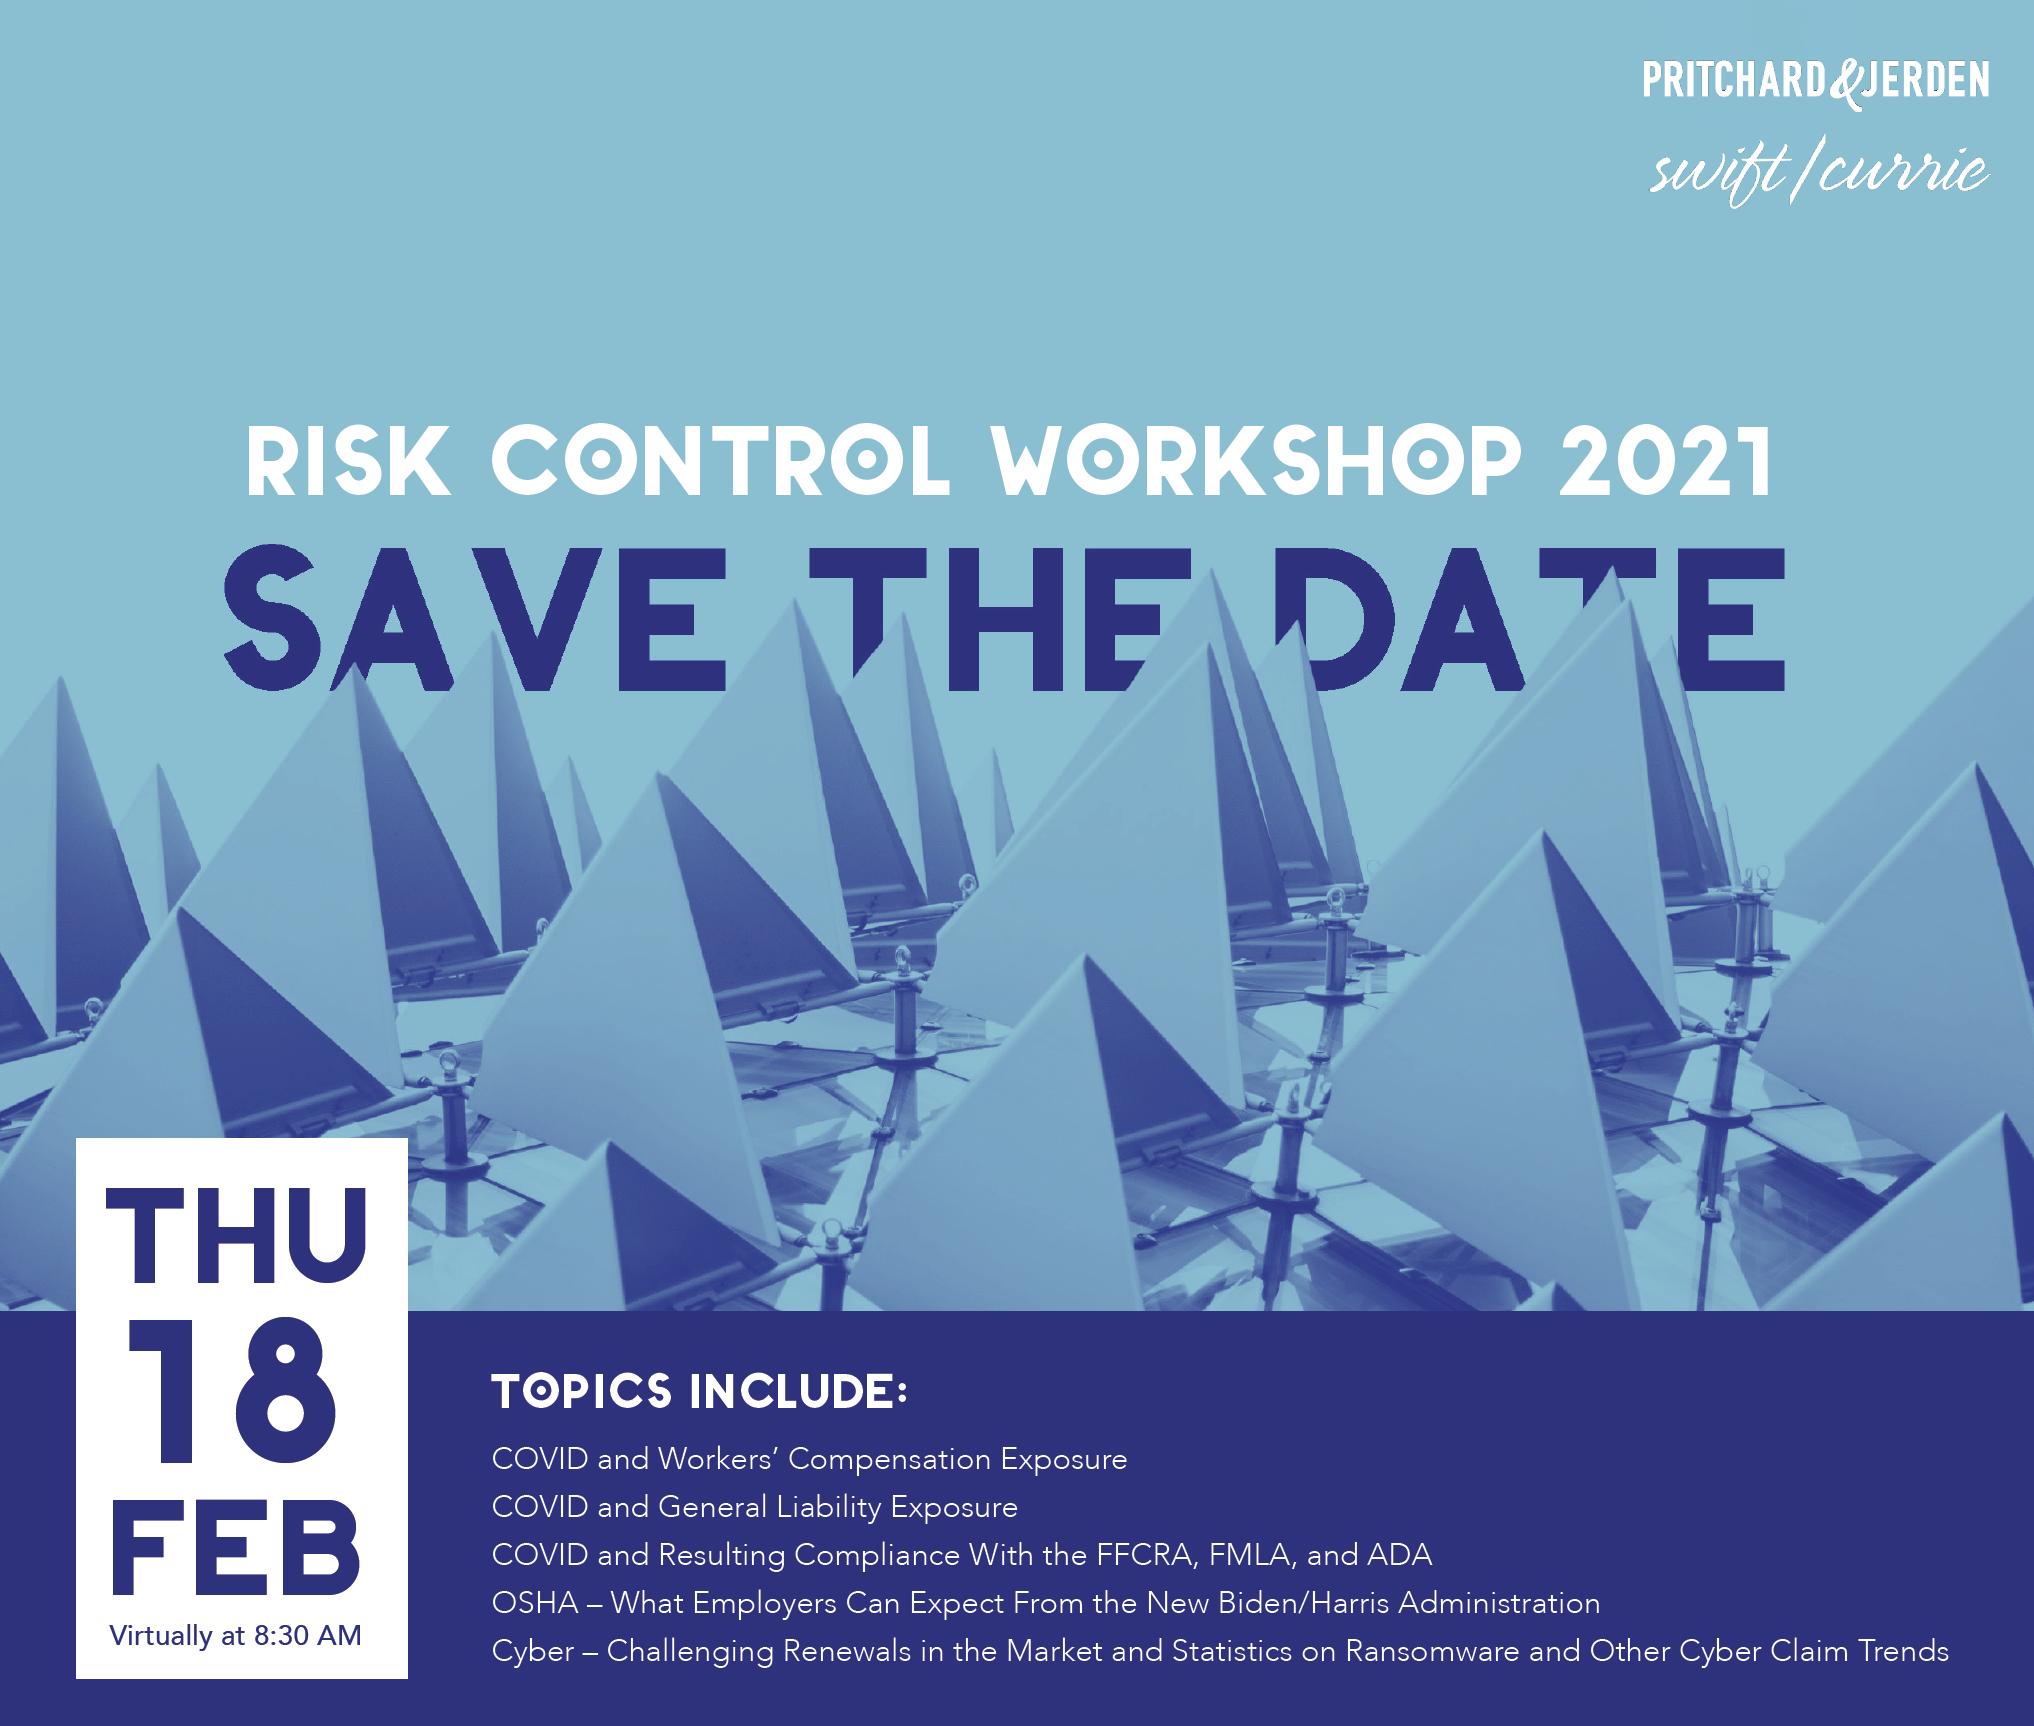 Risk Control Workshop 2021